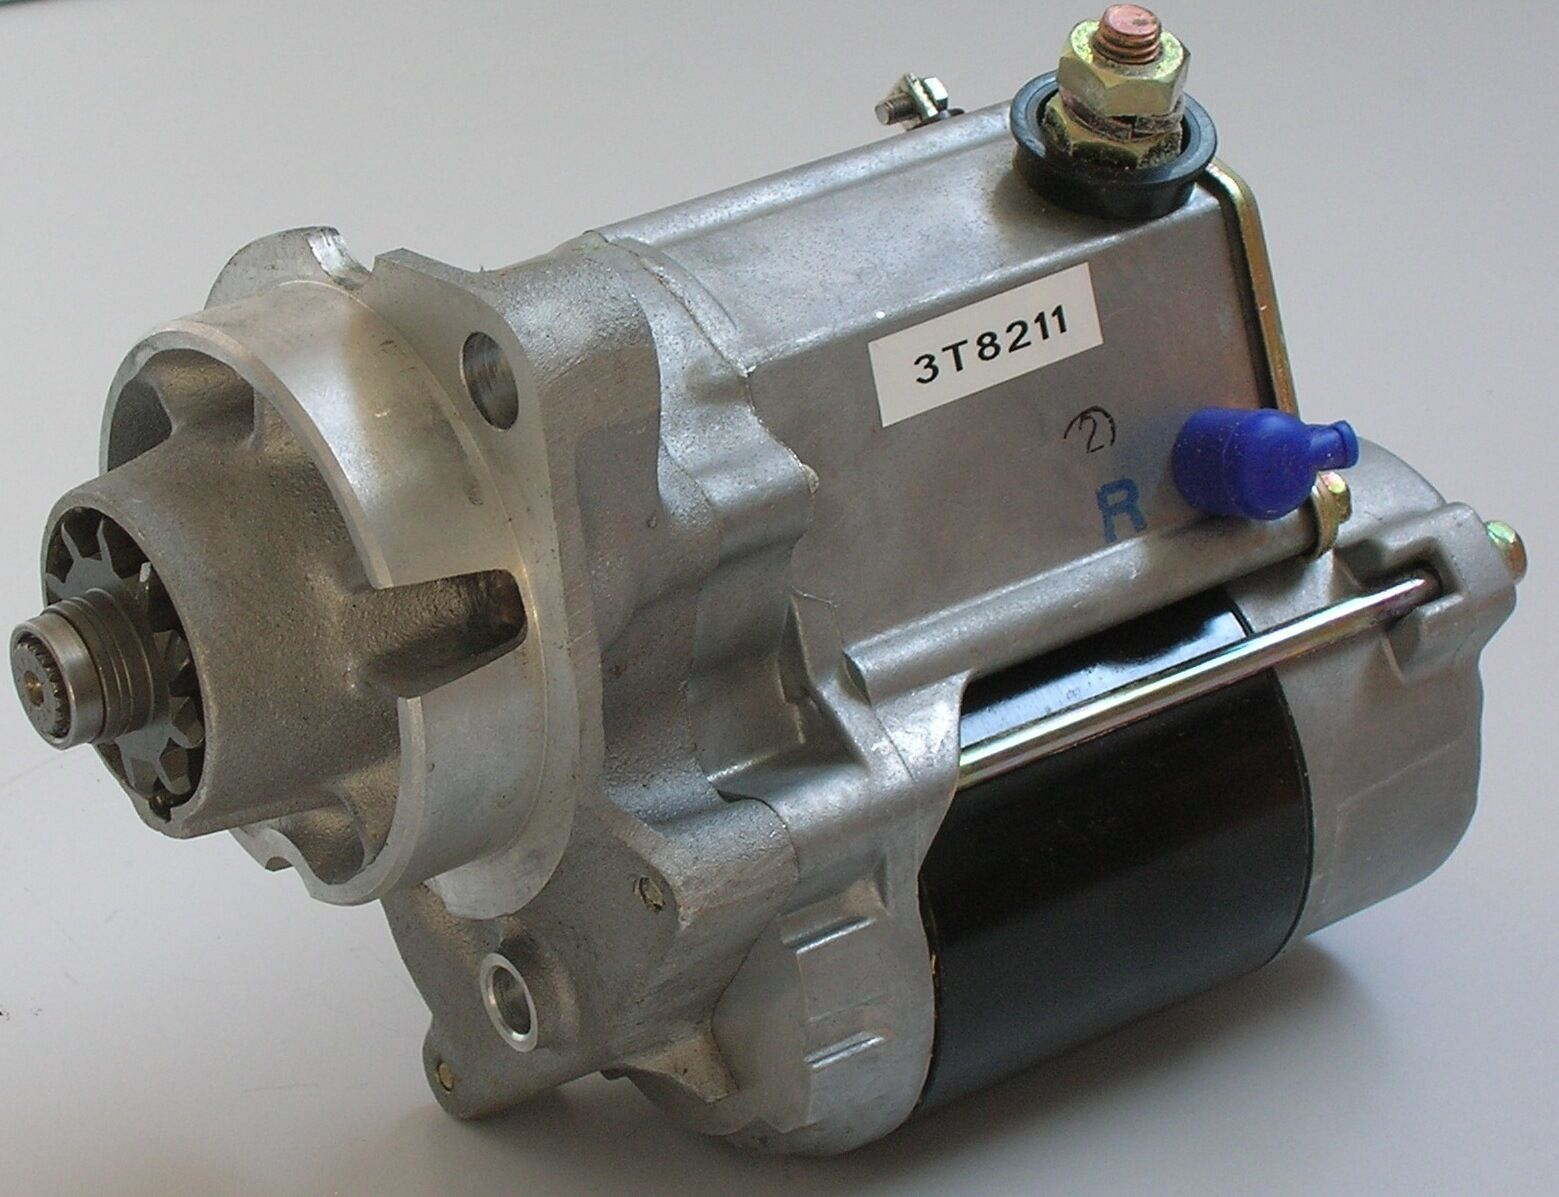 3T8211 CATERPILLAR STARTING AVVIAMENTO MOTOR - MOTORINO AVVIAMENTO STARTING CAT 3T8211 REMAN STARTER fb4557